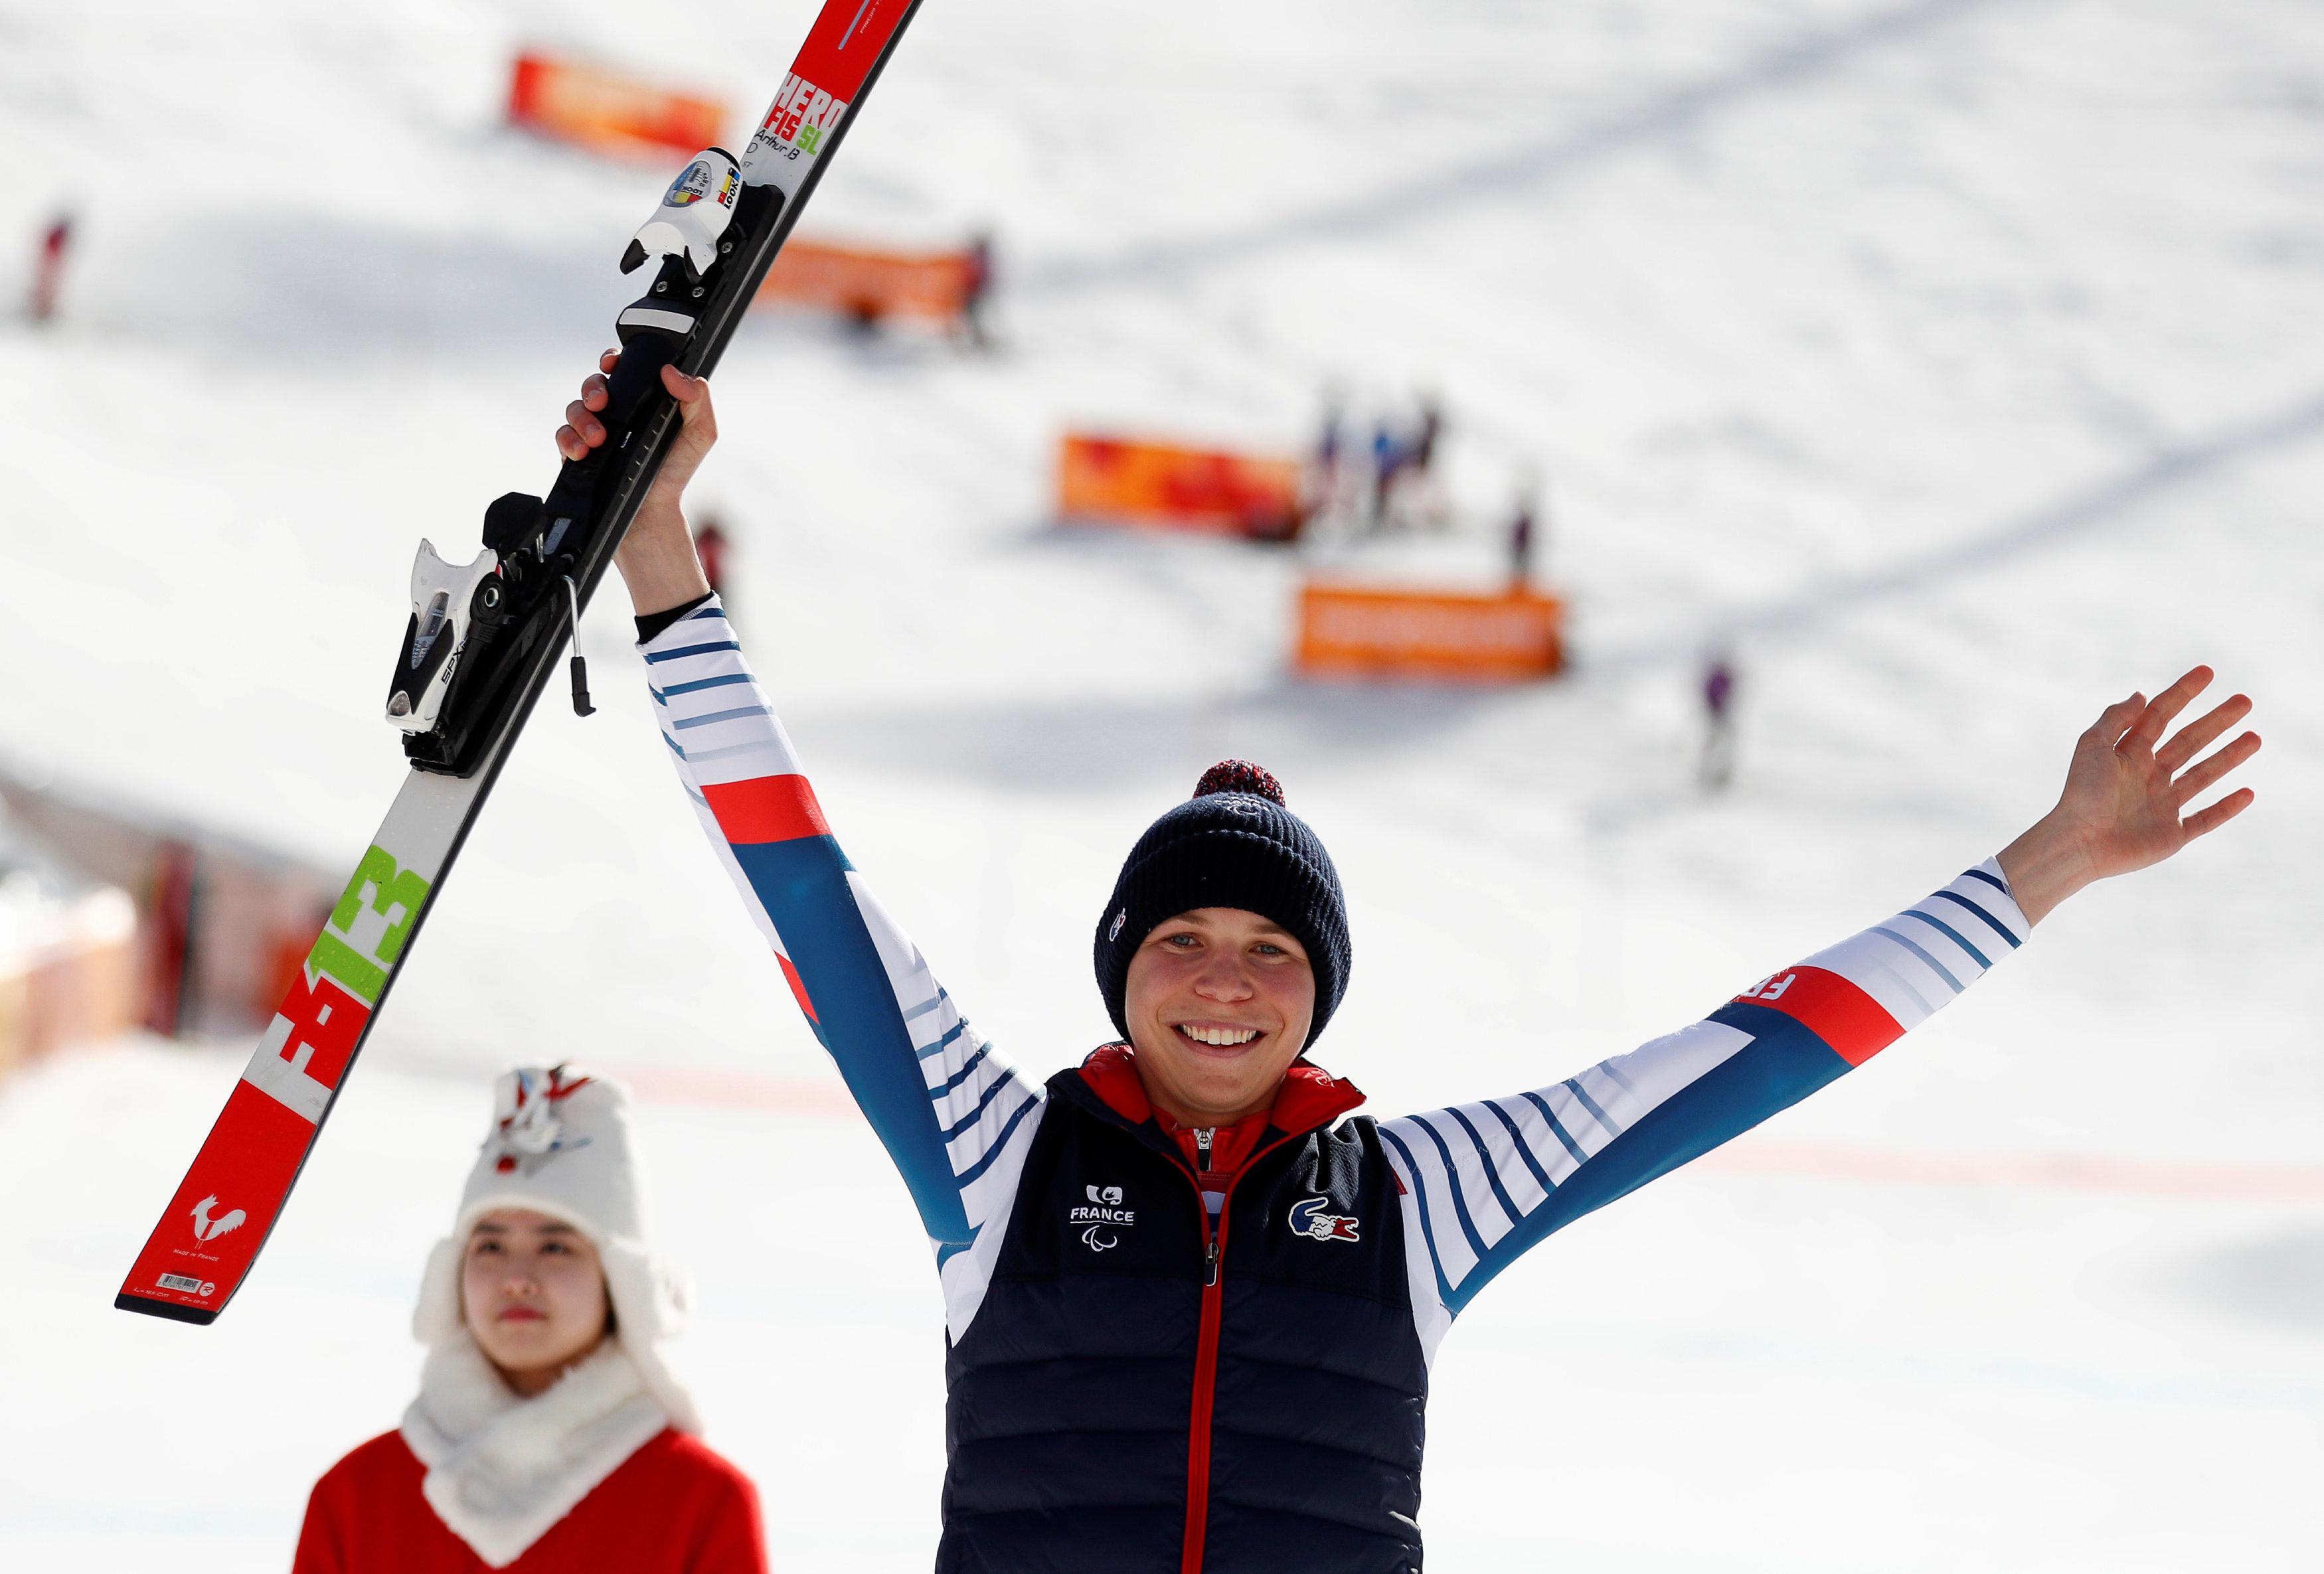 Jeux olympiques - Pyeongchang 2018 - Jeux Paralympiques : Arthur Bauchet, un skieur en argent